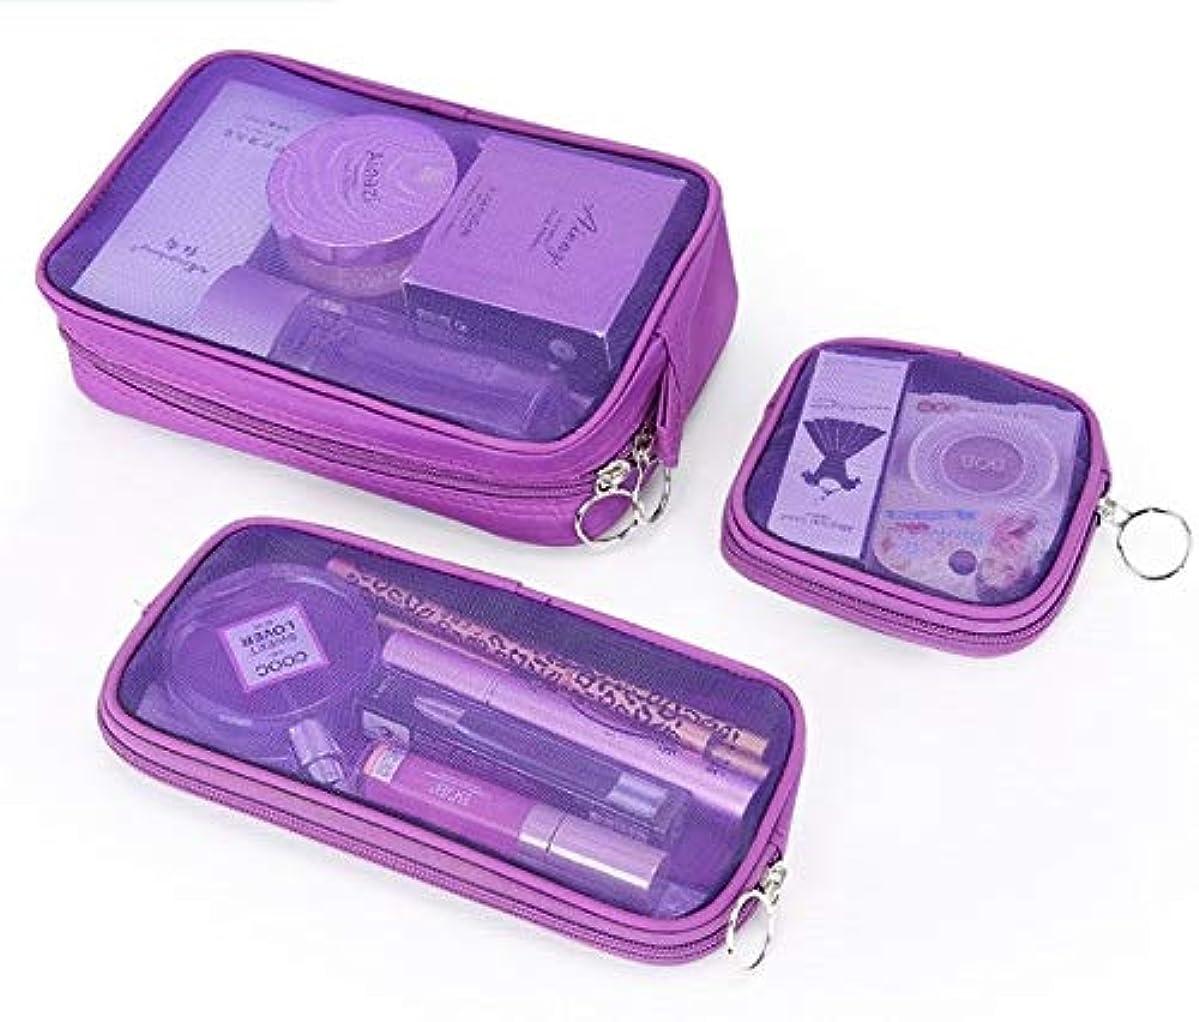 タイマー魅了する統計的化粧箱、3の透明メッシュ化粧品袋セット、ポータブル旅行化粧品袋収納袋、美容ネイルジュエリー収納ボックス (Color : Purple)